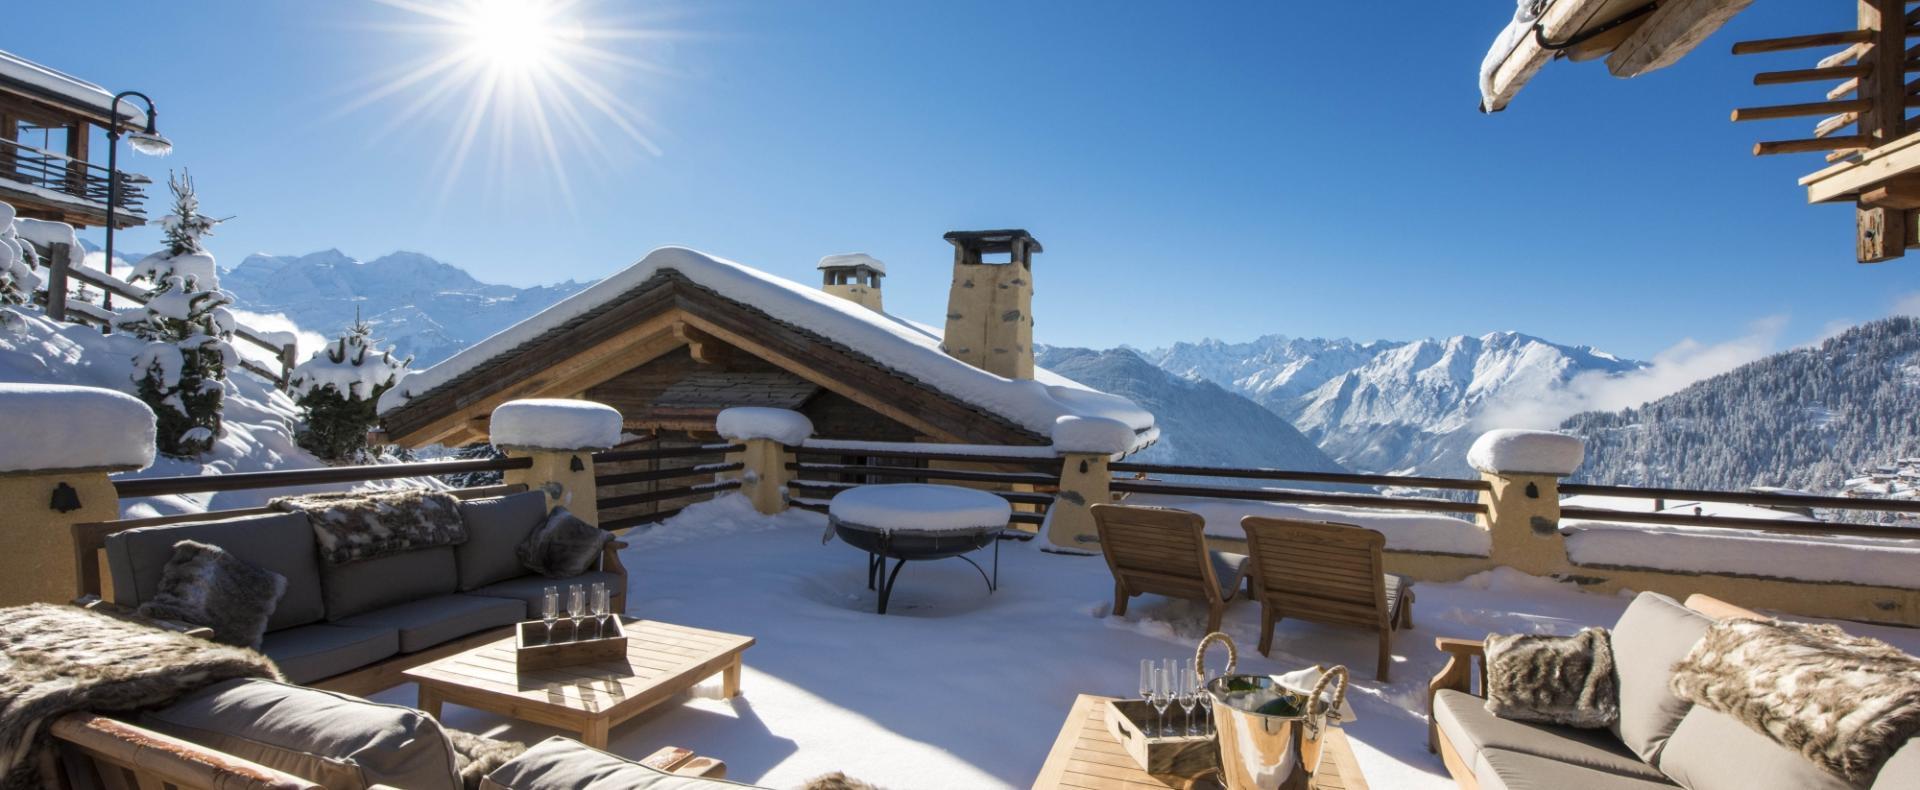 Terrace-Chalet-Chouqui-Verbier-Ultimate-Luxury-Chalets-UltraVilla